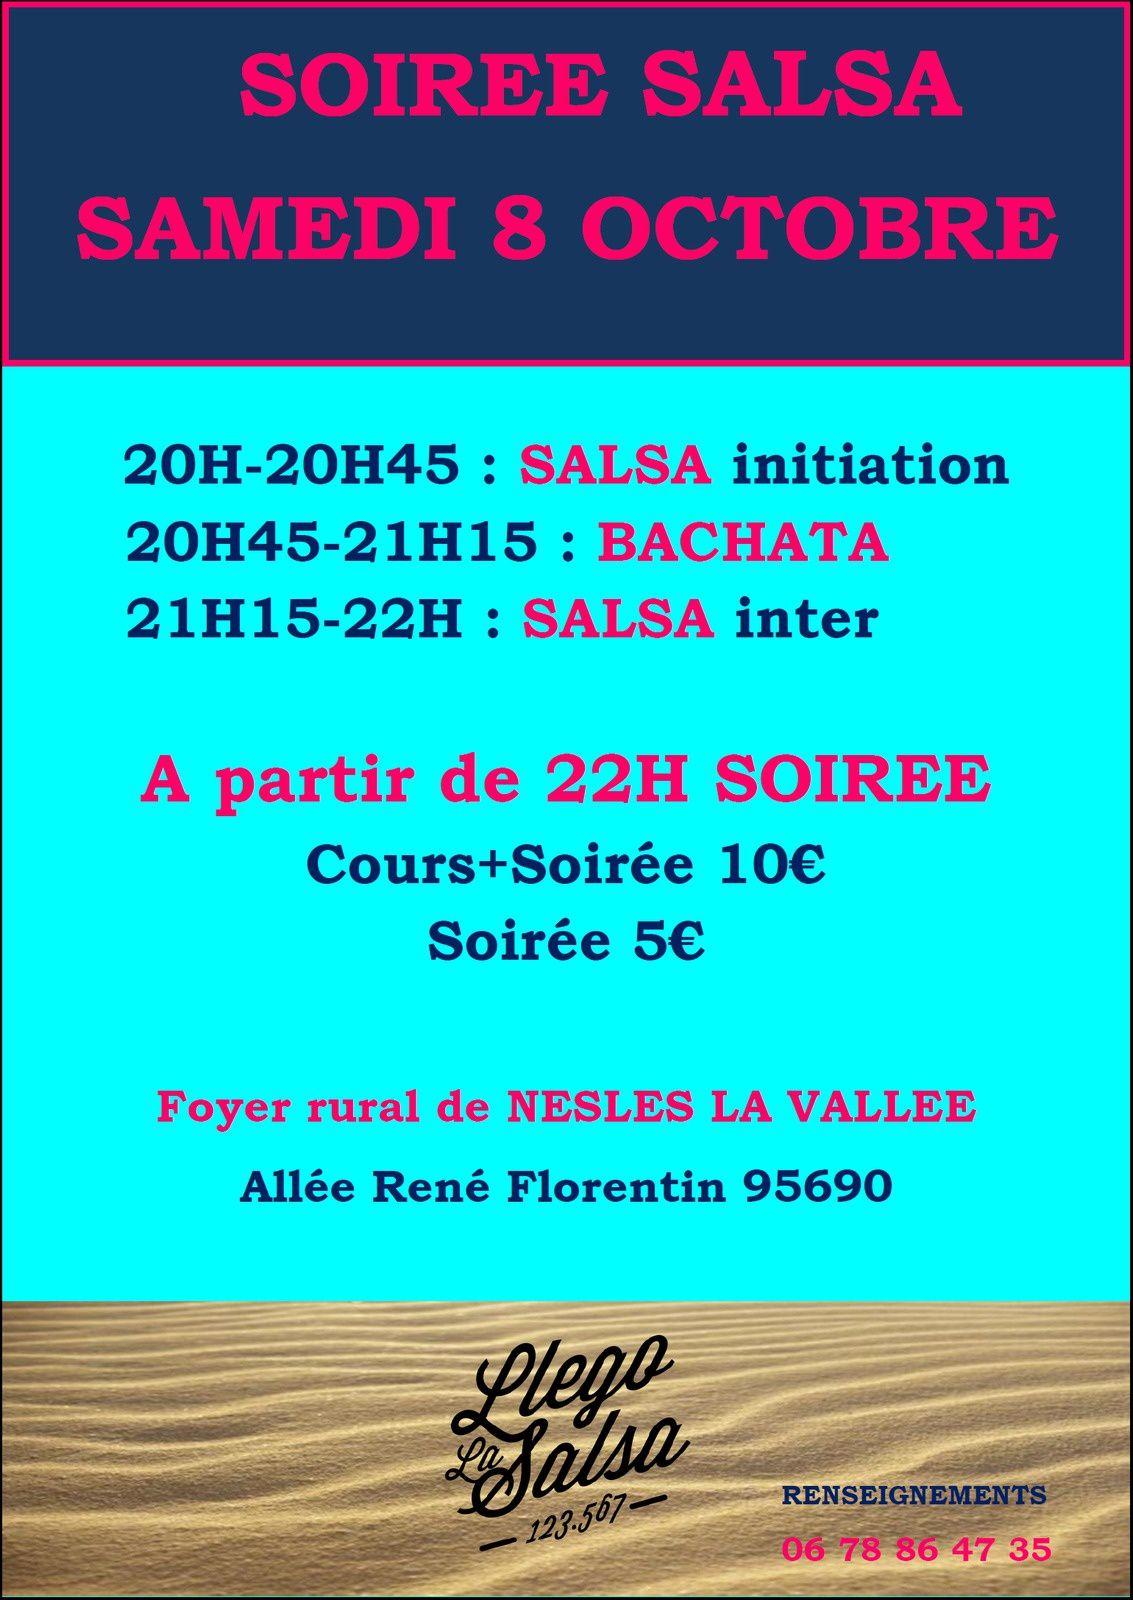 Soirée Salsa à Nesles la Vallée (95)